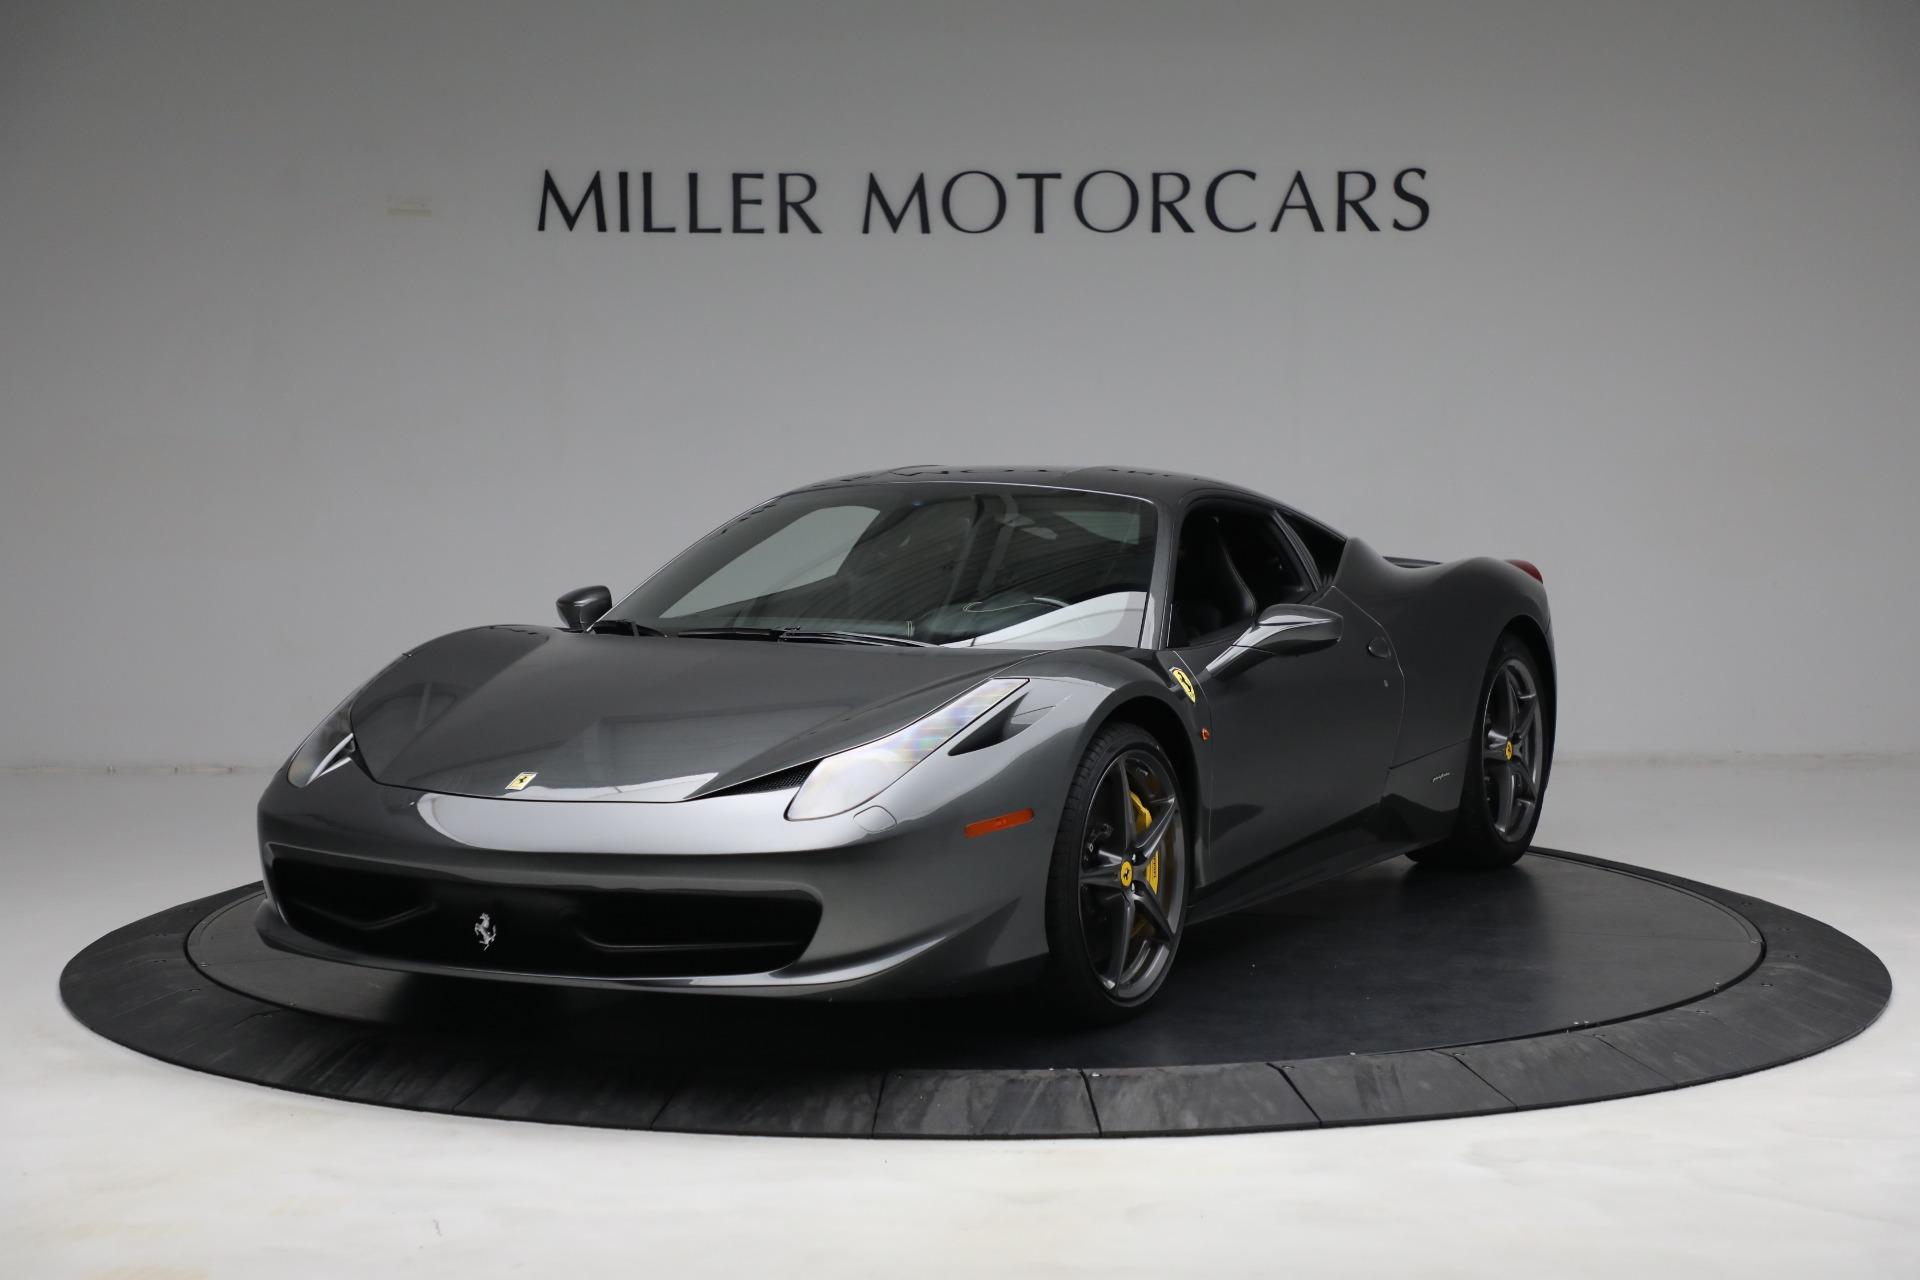 Used 2011 Ferrari 458 Italia for sale $229,900 at Maserati of Greenwich in Greenwich CT 06830 1